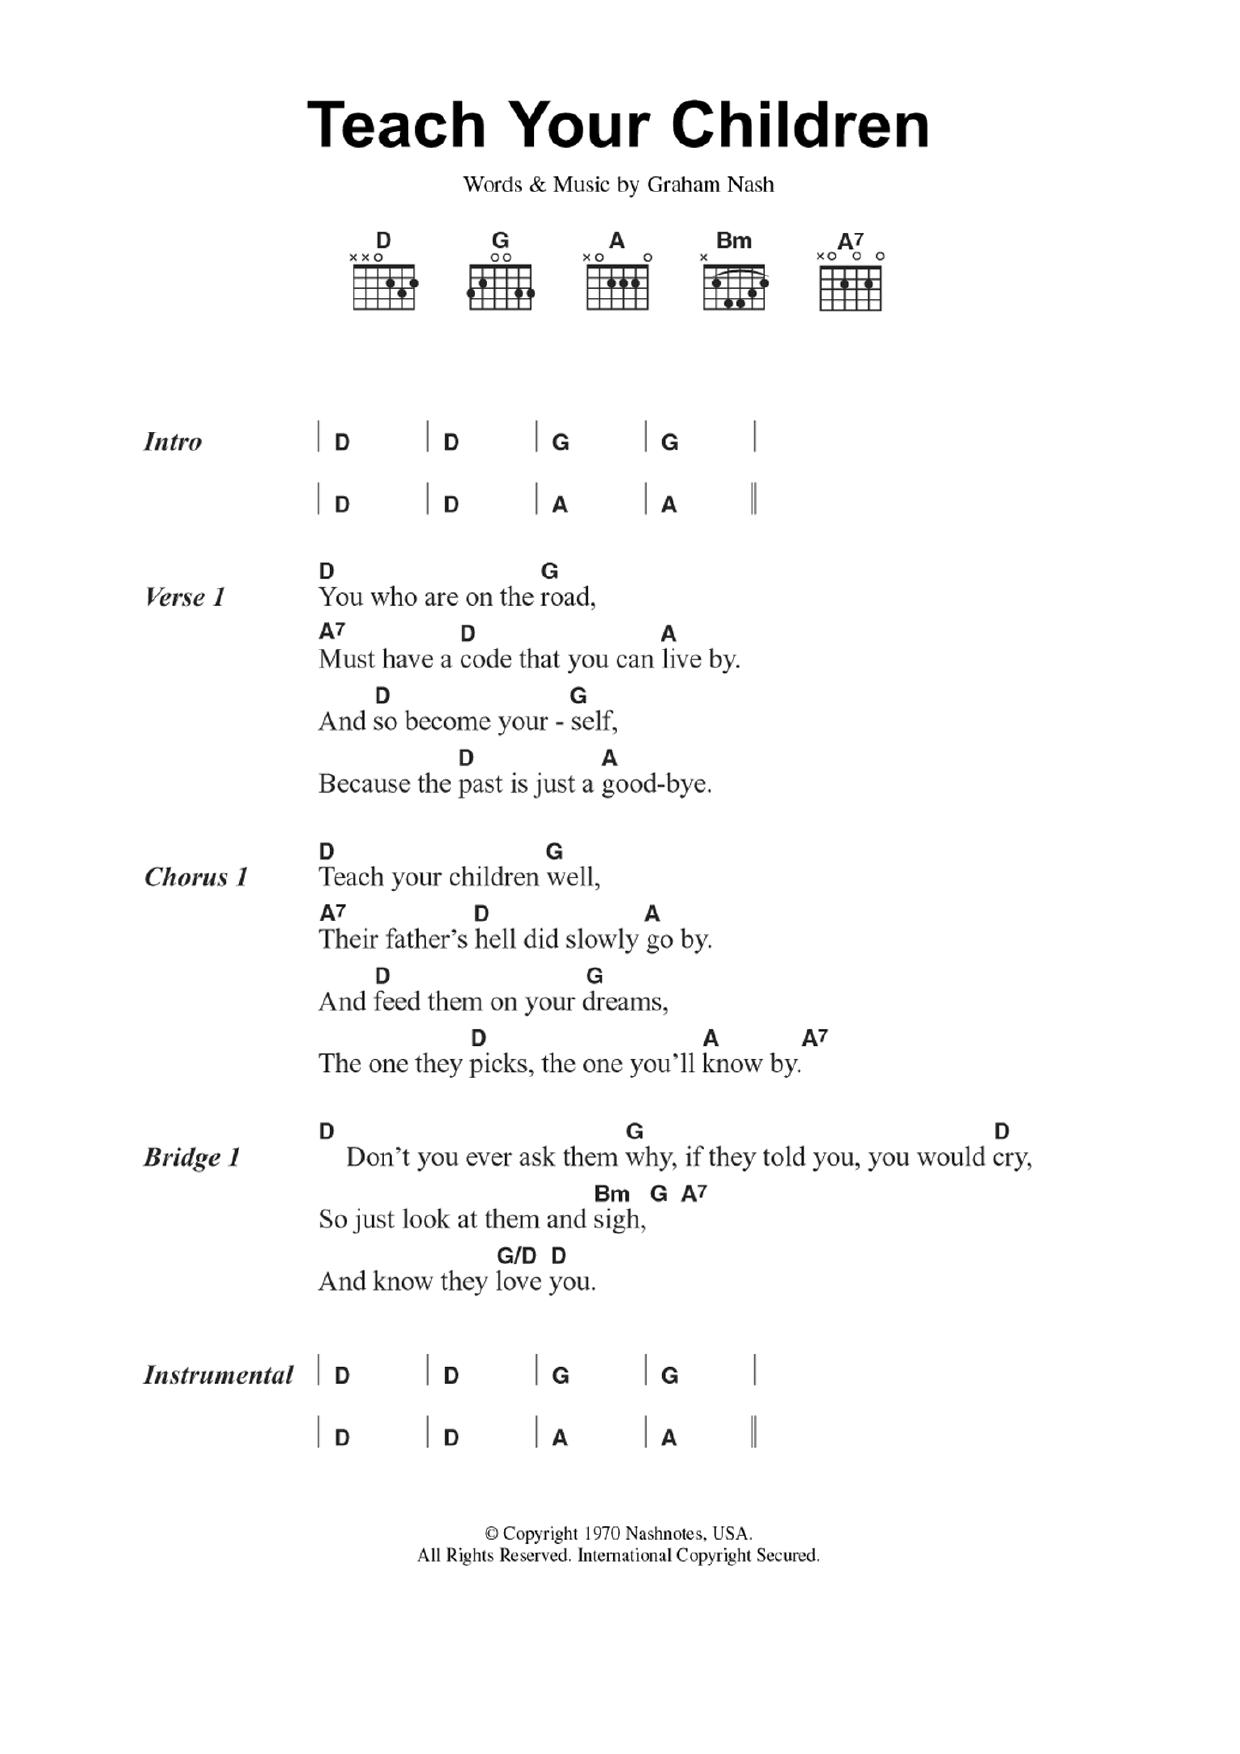 Teach Your Children Sheet Music